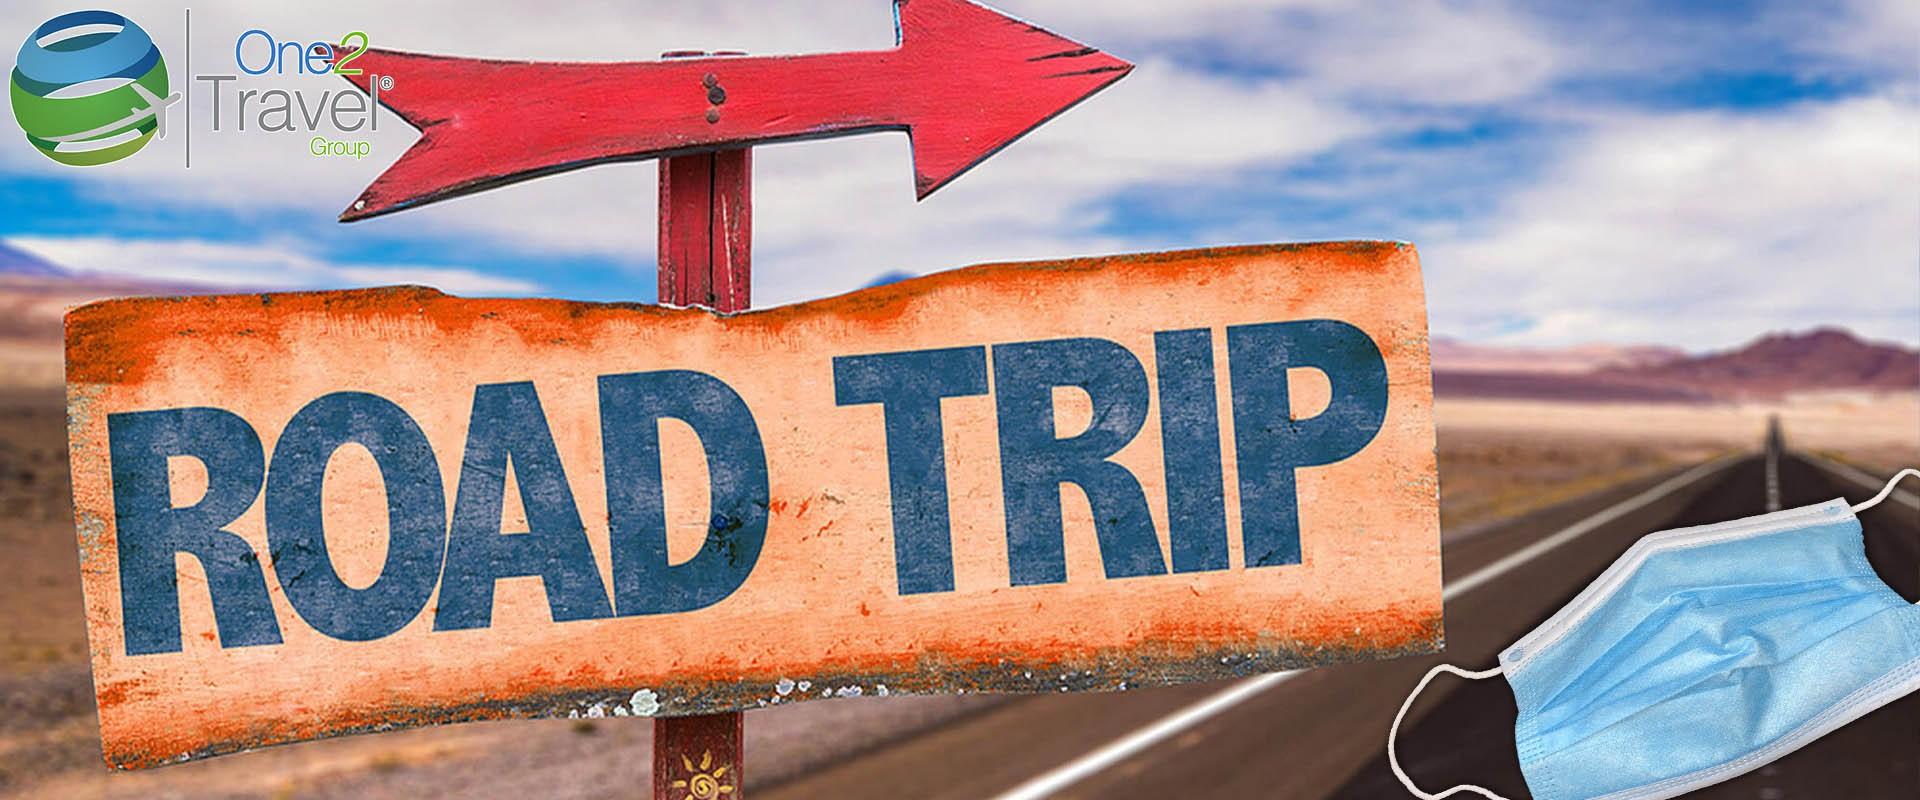 9 consejos de expertos para un viaje por carretera seguro durante la pandemia